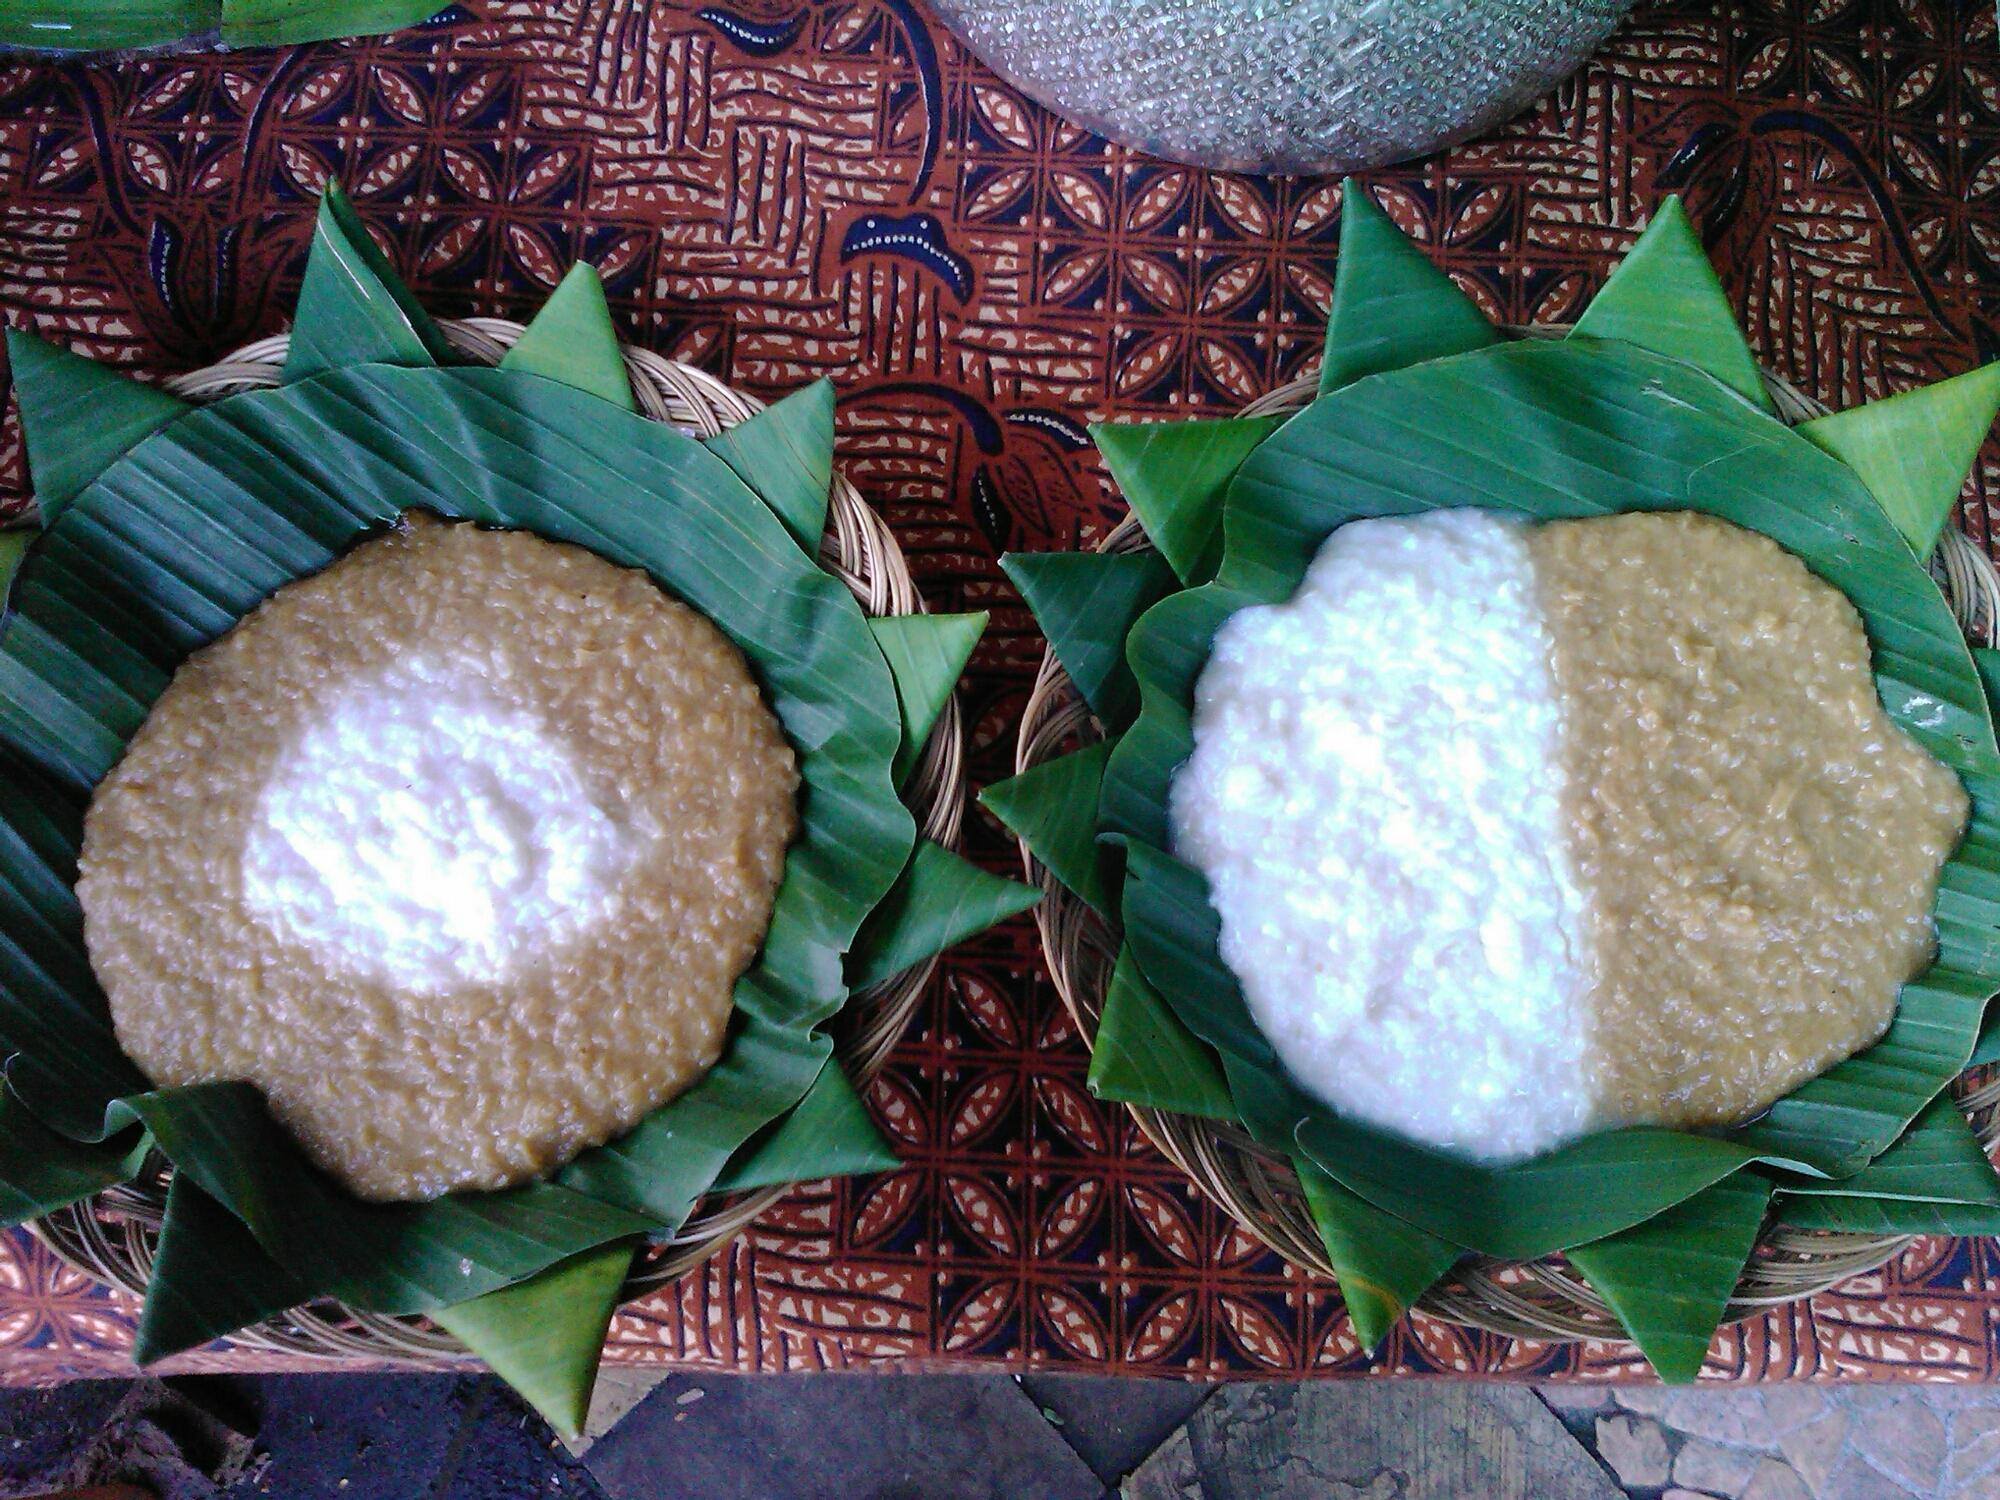 Resep Bubur Merah Putih khas Jawa & Tips Trik Beserta Penjelasanya